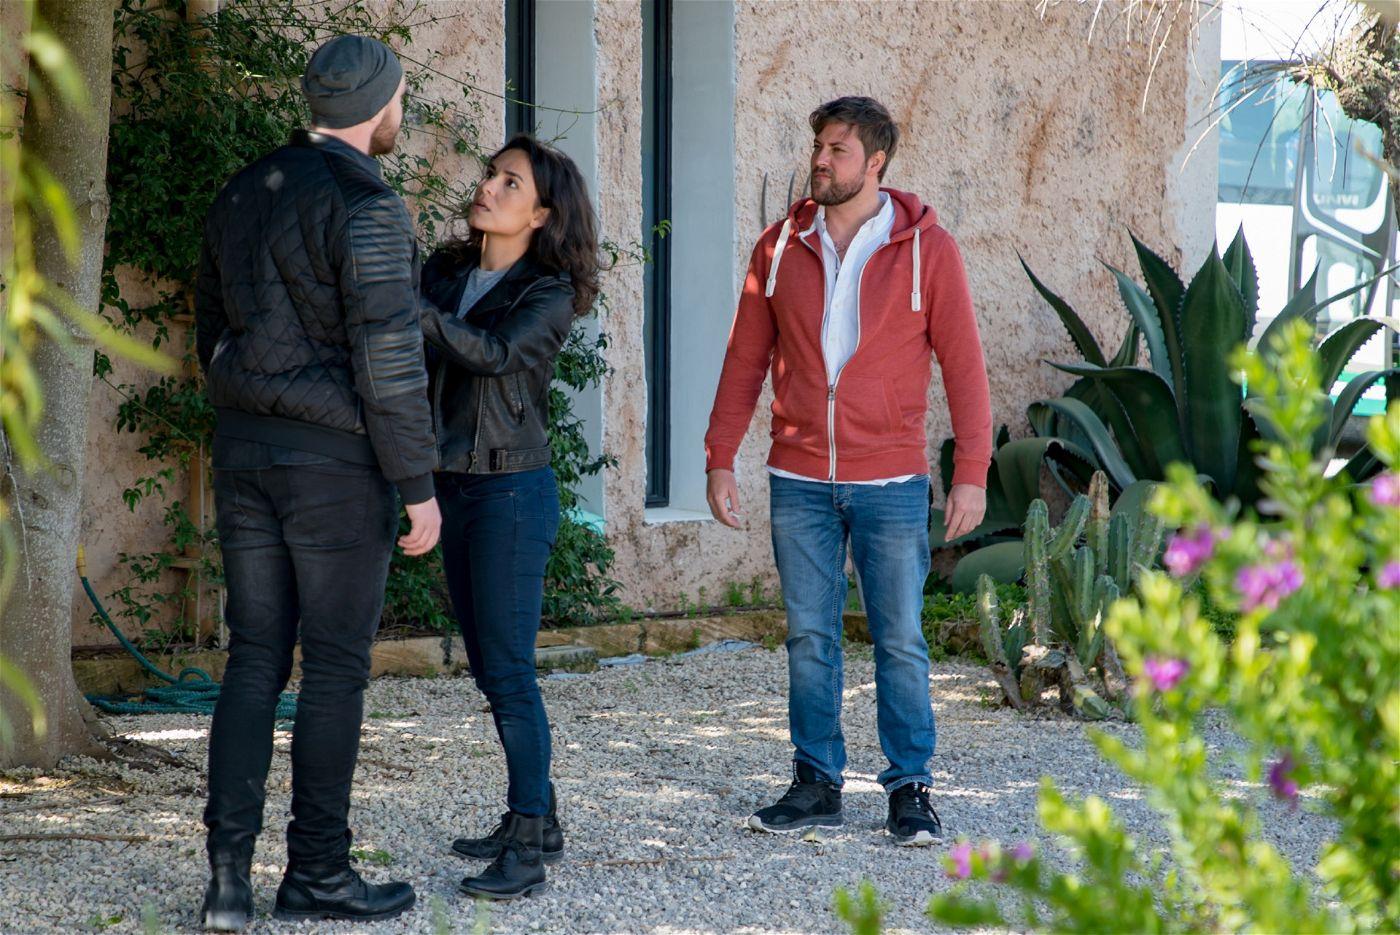 Plötzlich aber steht Erik vor der Tür – und ist rasend eifersüchtig auf John (Felix von Jascheroff).